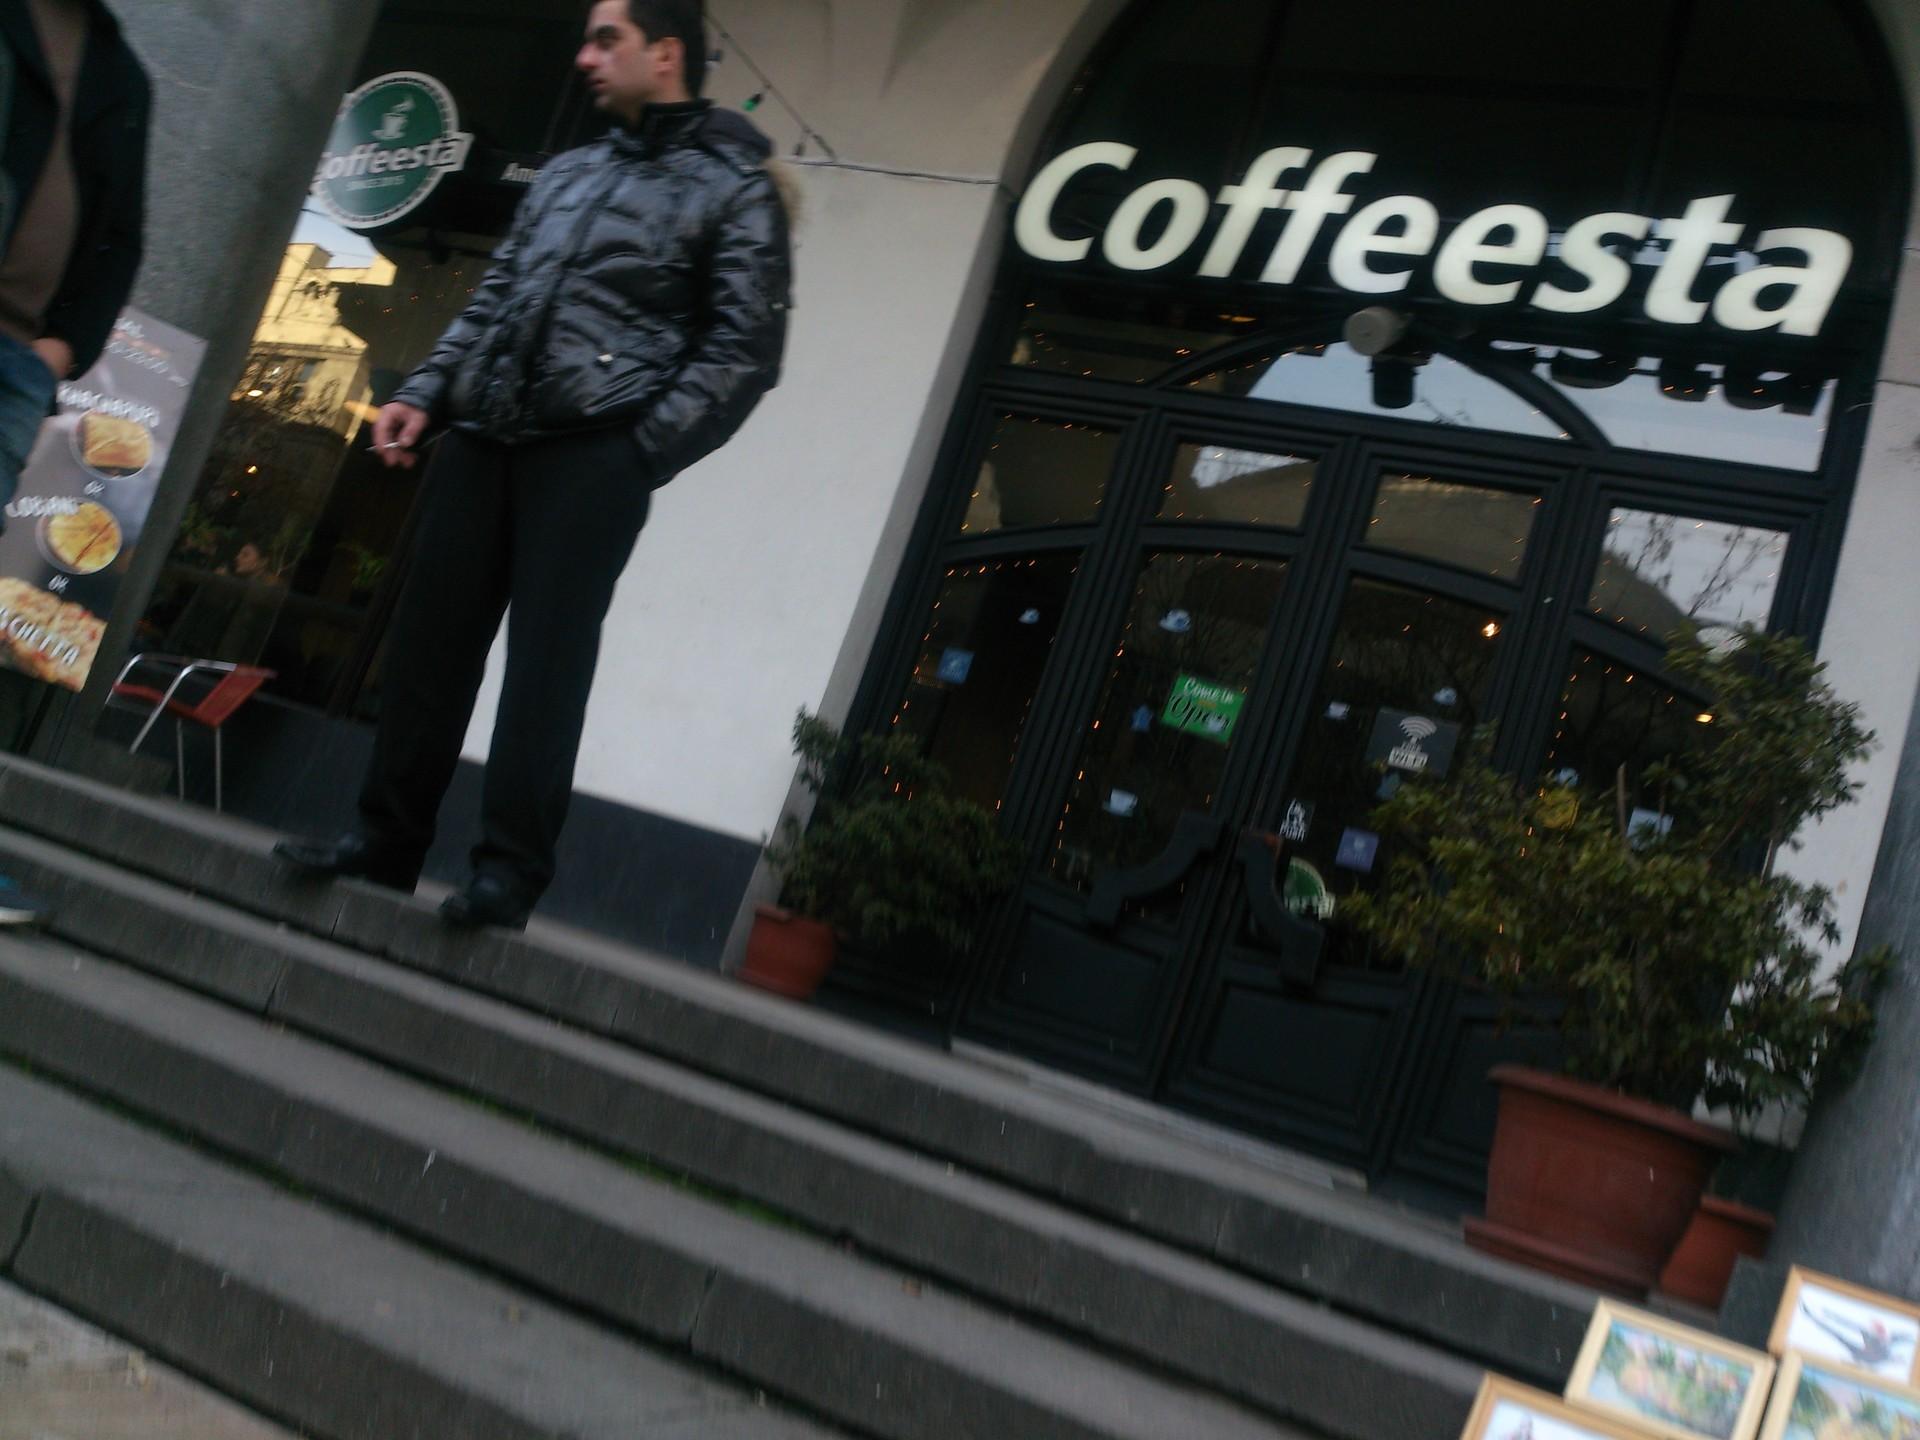 ¡Coffeesta no es solo para los amantes del café!